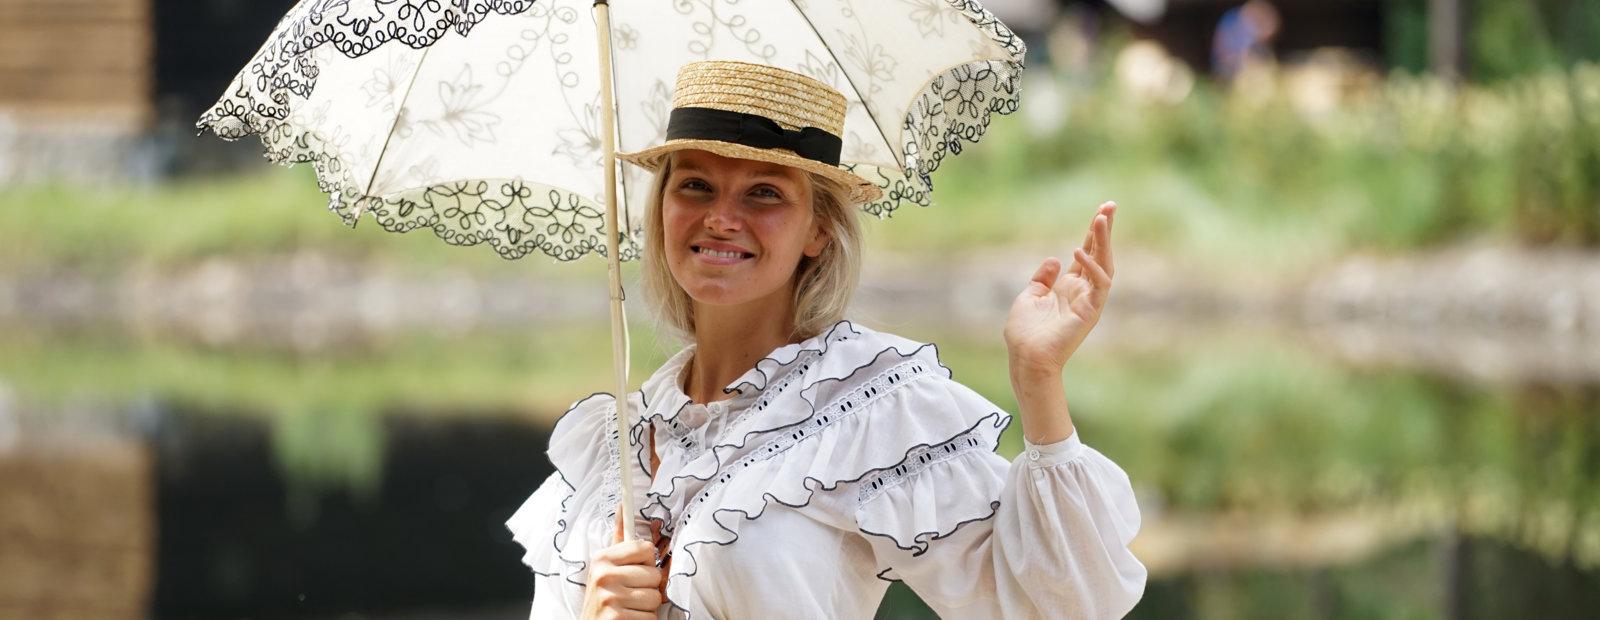 Fin engelsk lady med blondeparaply.